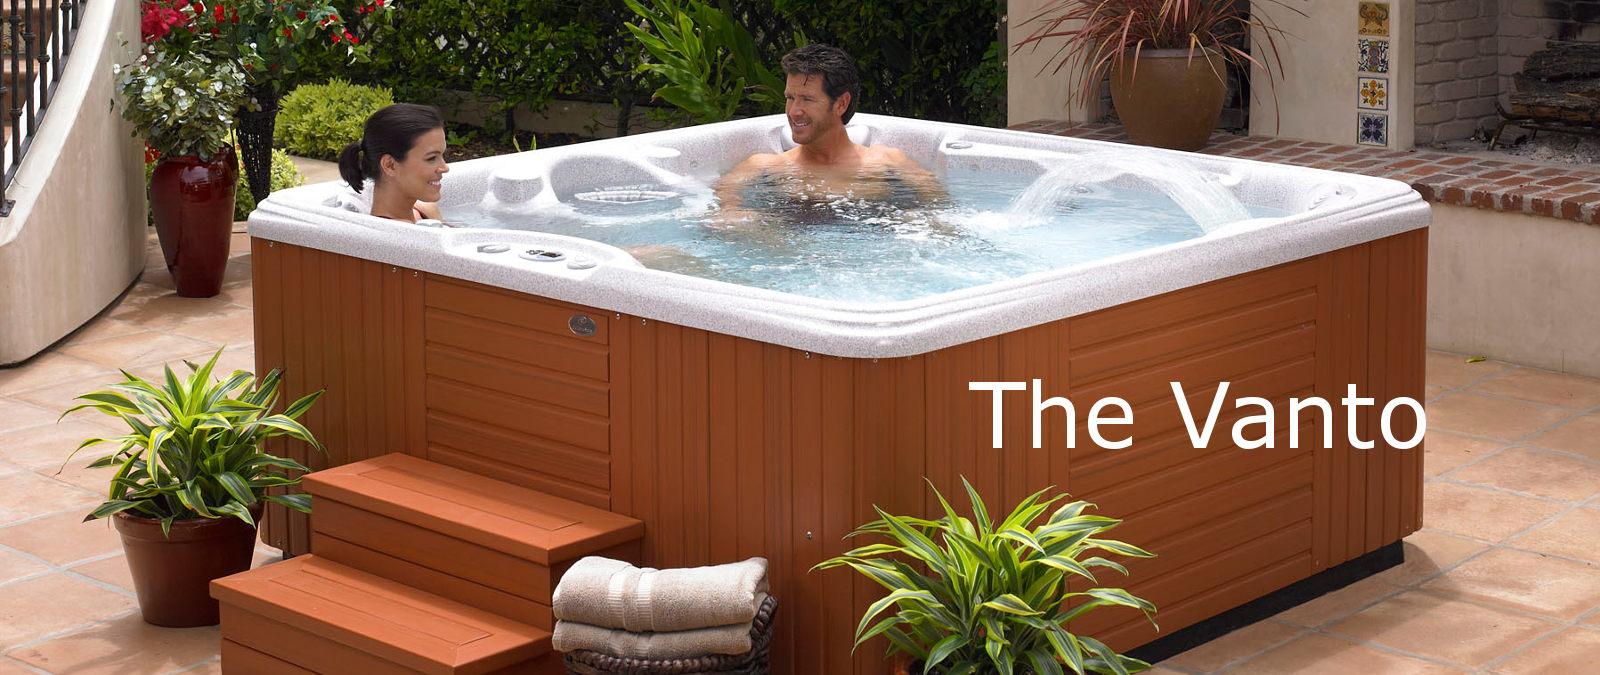 Vanto 7 person hot tub MA